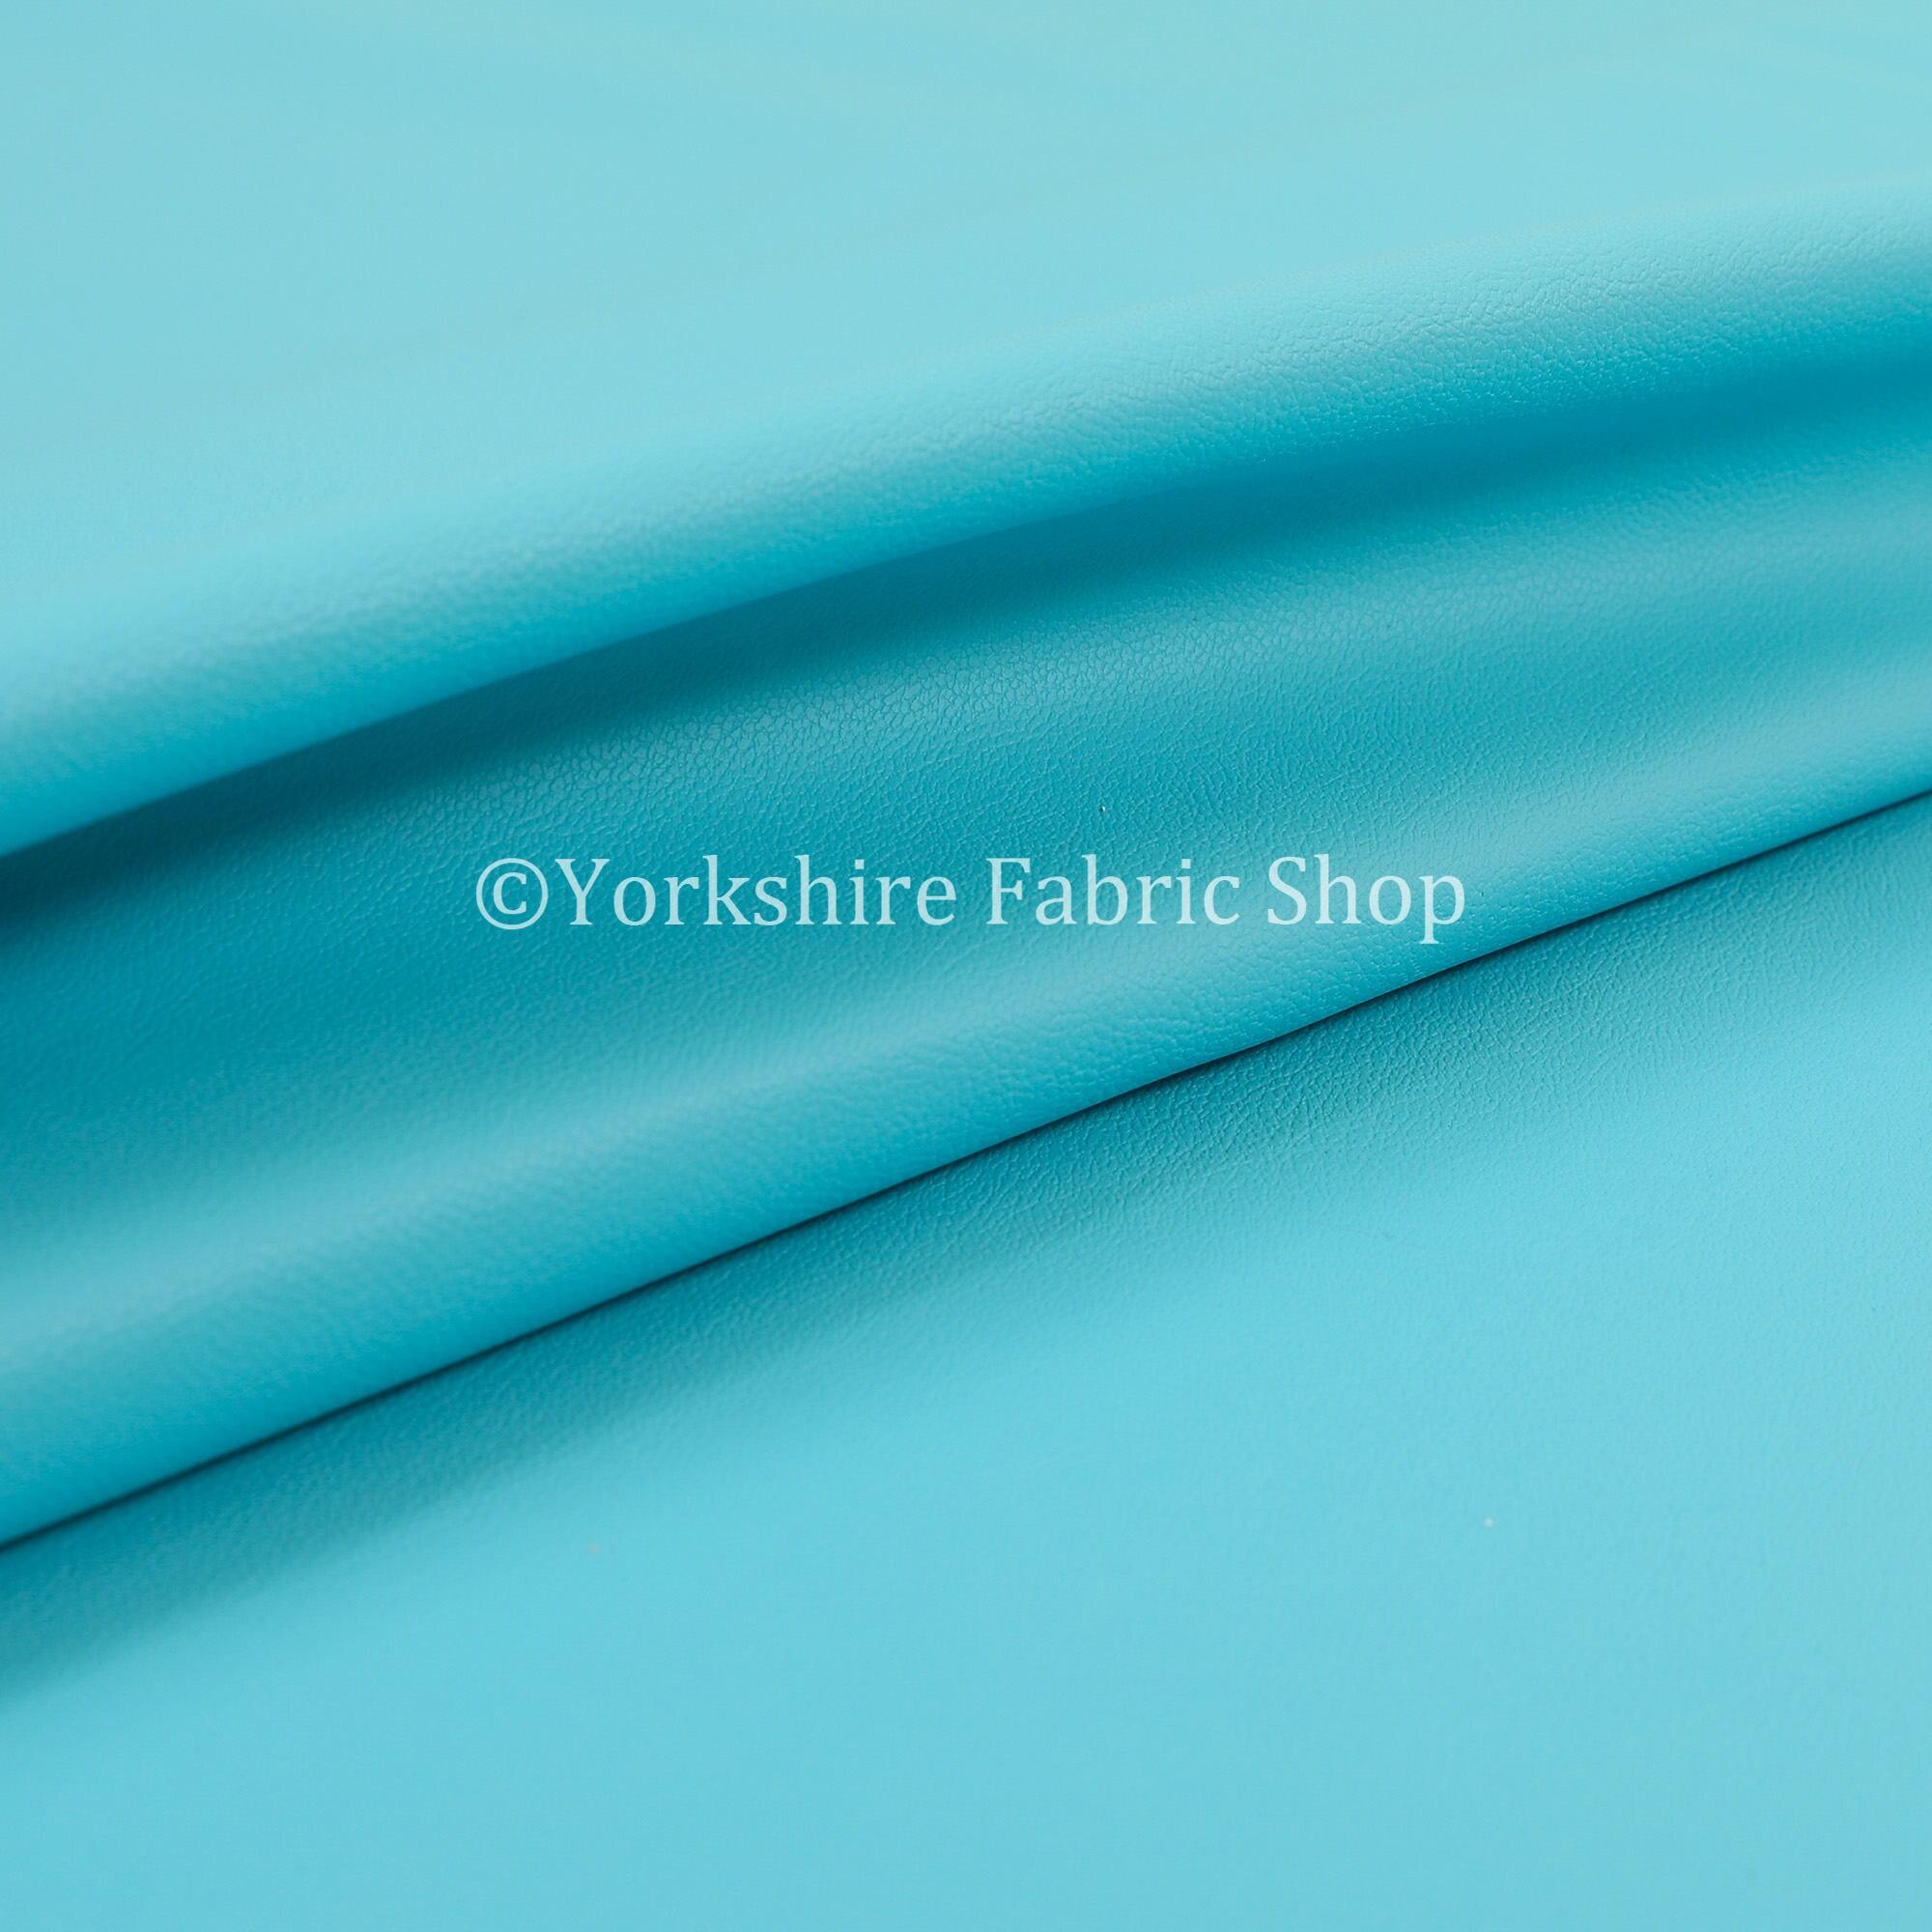 Poids léger vinyle vinyle vinyle Durable Teal bleu simili cuir tissu d'ameublement ameublement - vendu au mètre 10 6f0419